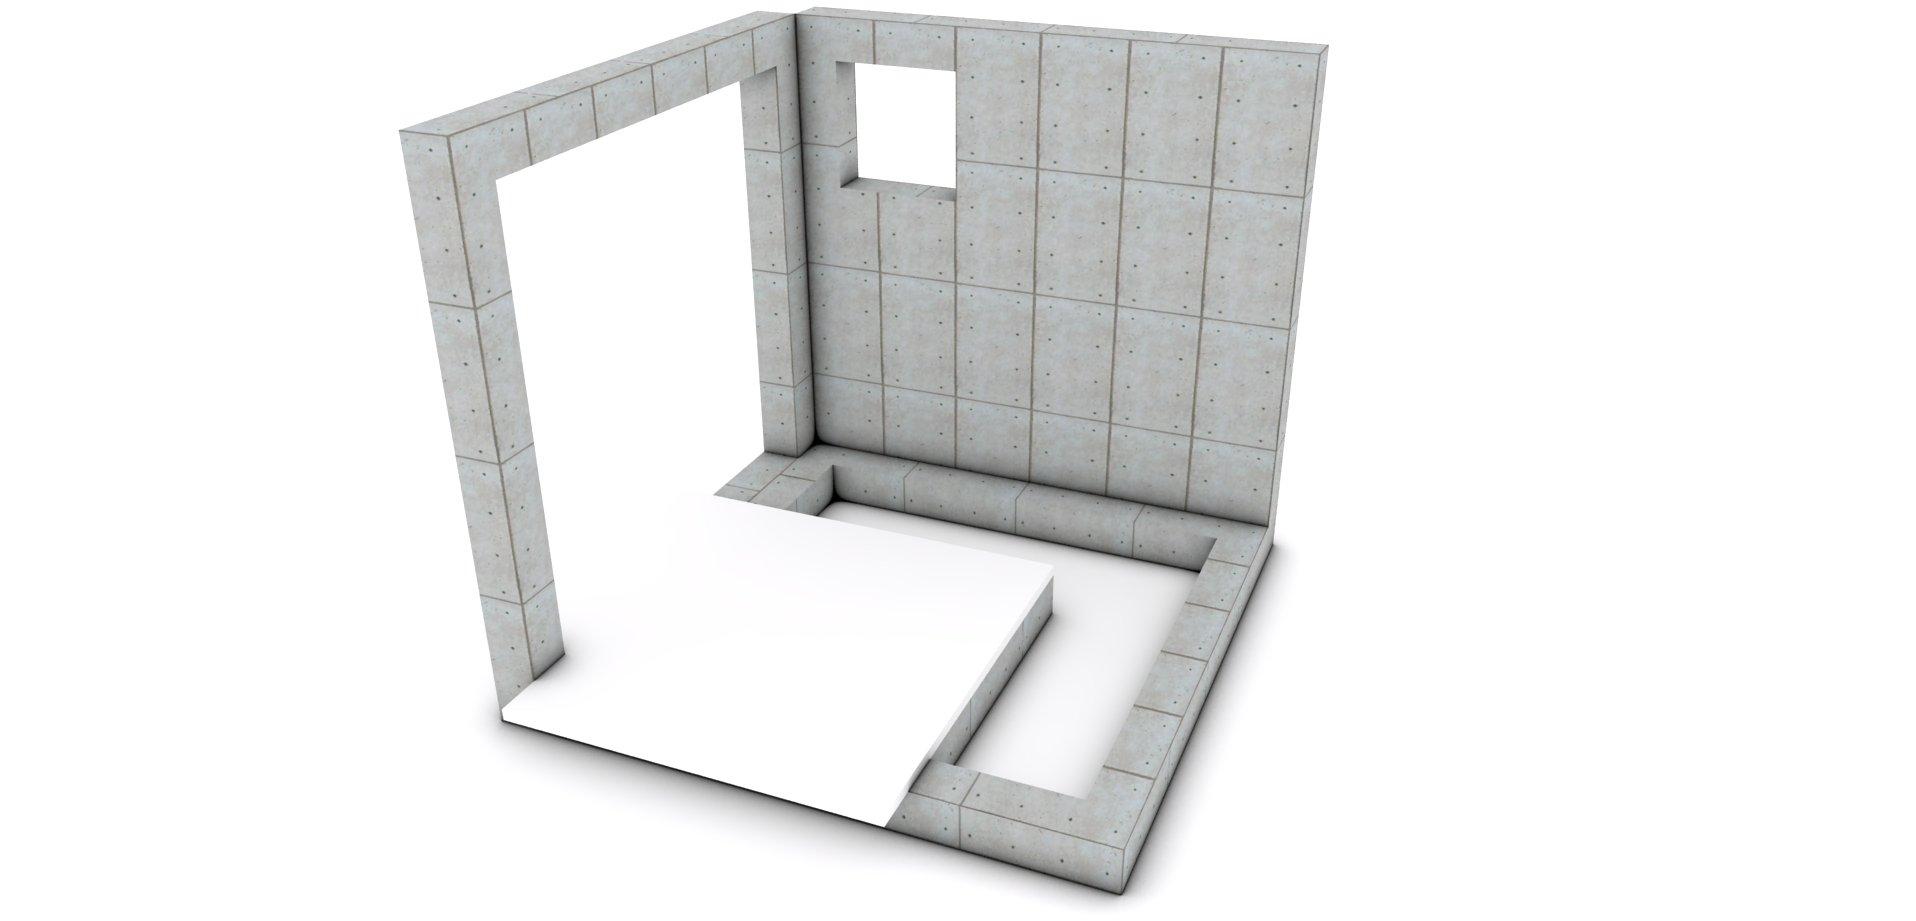 Concrete_Example 2.jpg